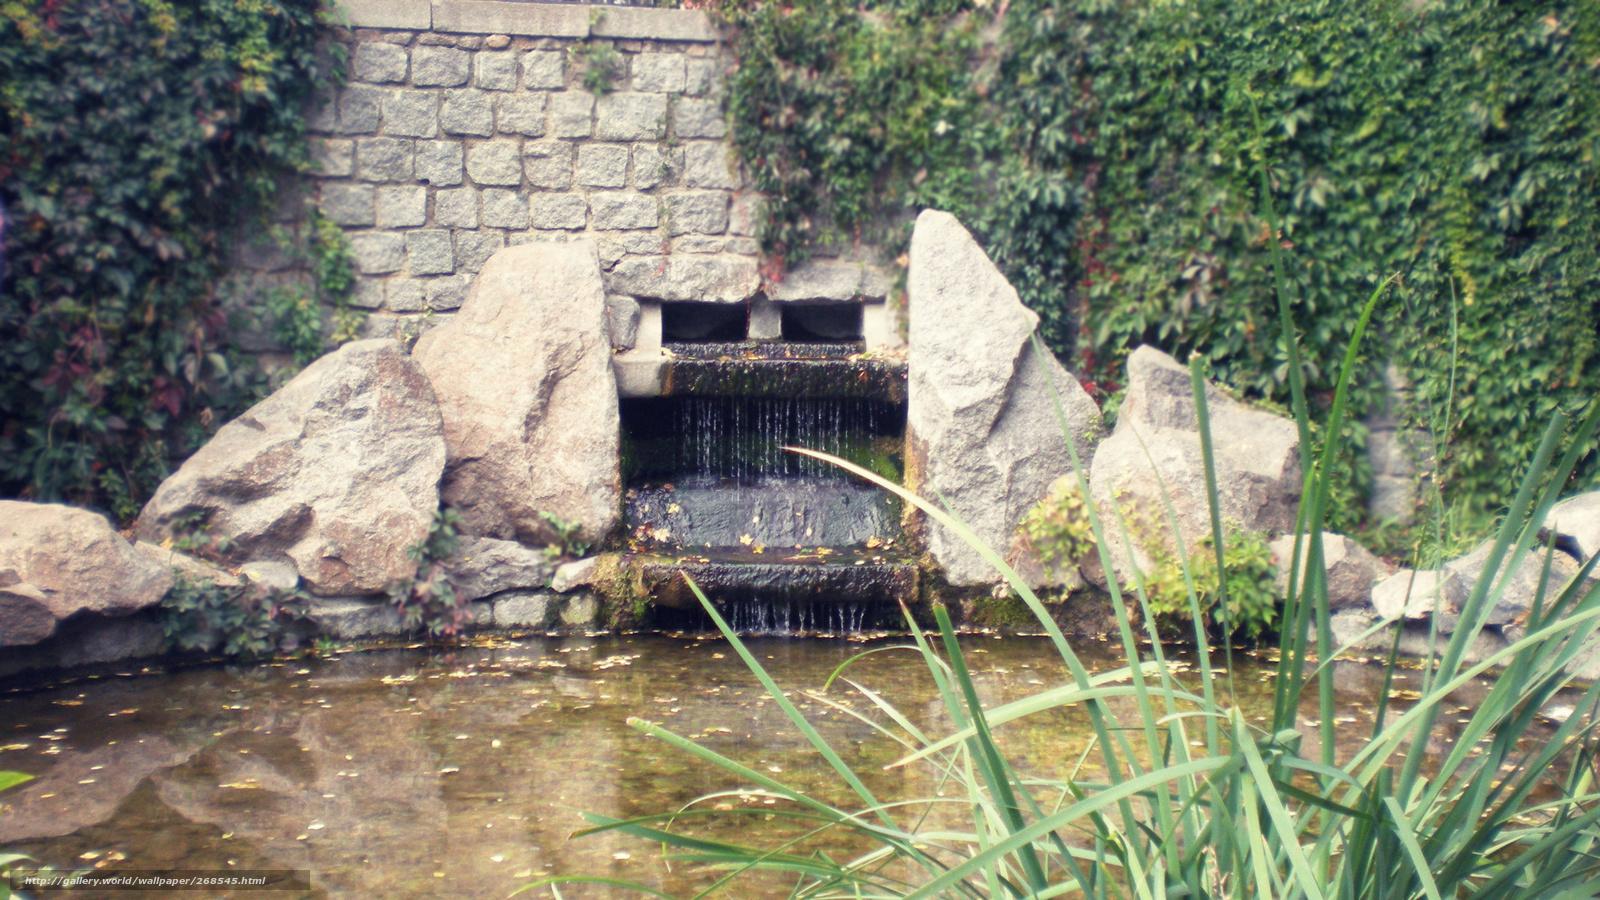 Download hintergrund stein wand wasserfall see freie - Wasserfall wand ...